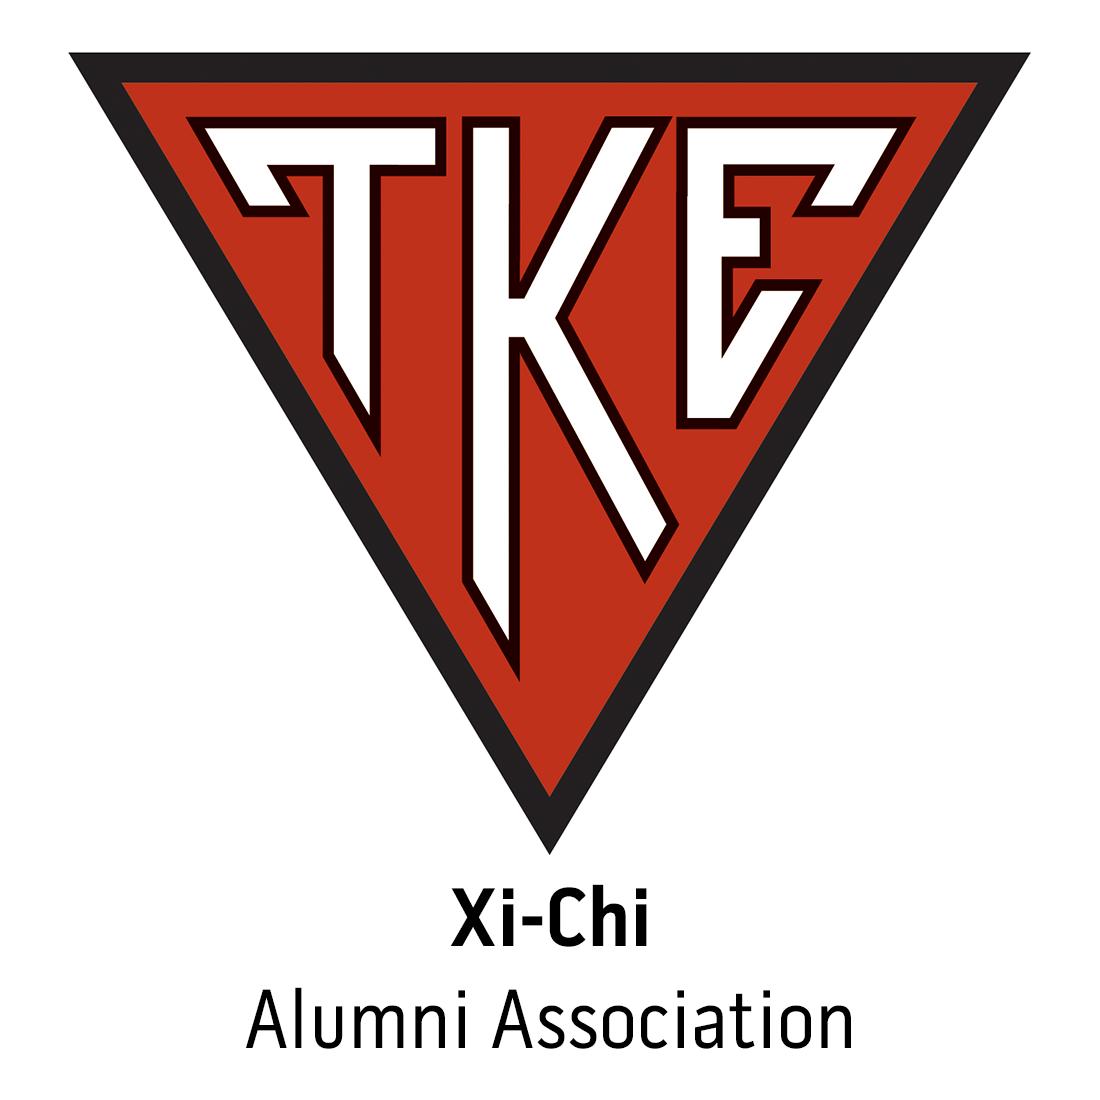 Xi-Chi Alumni Association at Southern Polytechnic State University